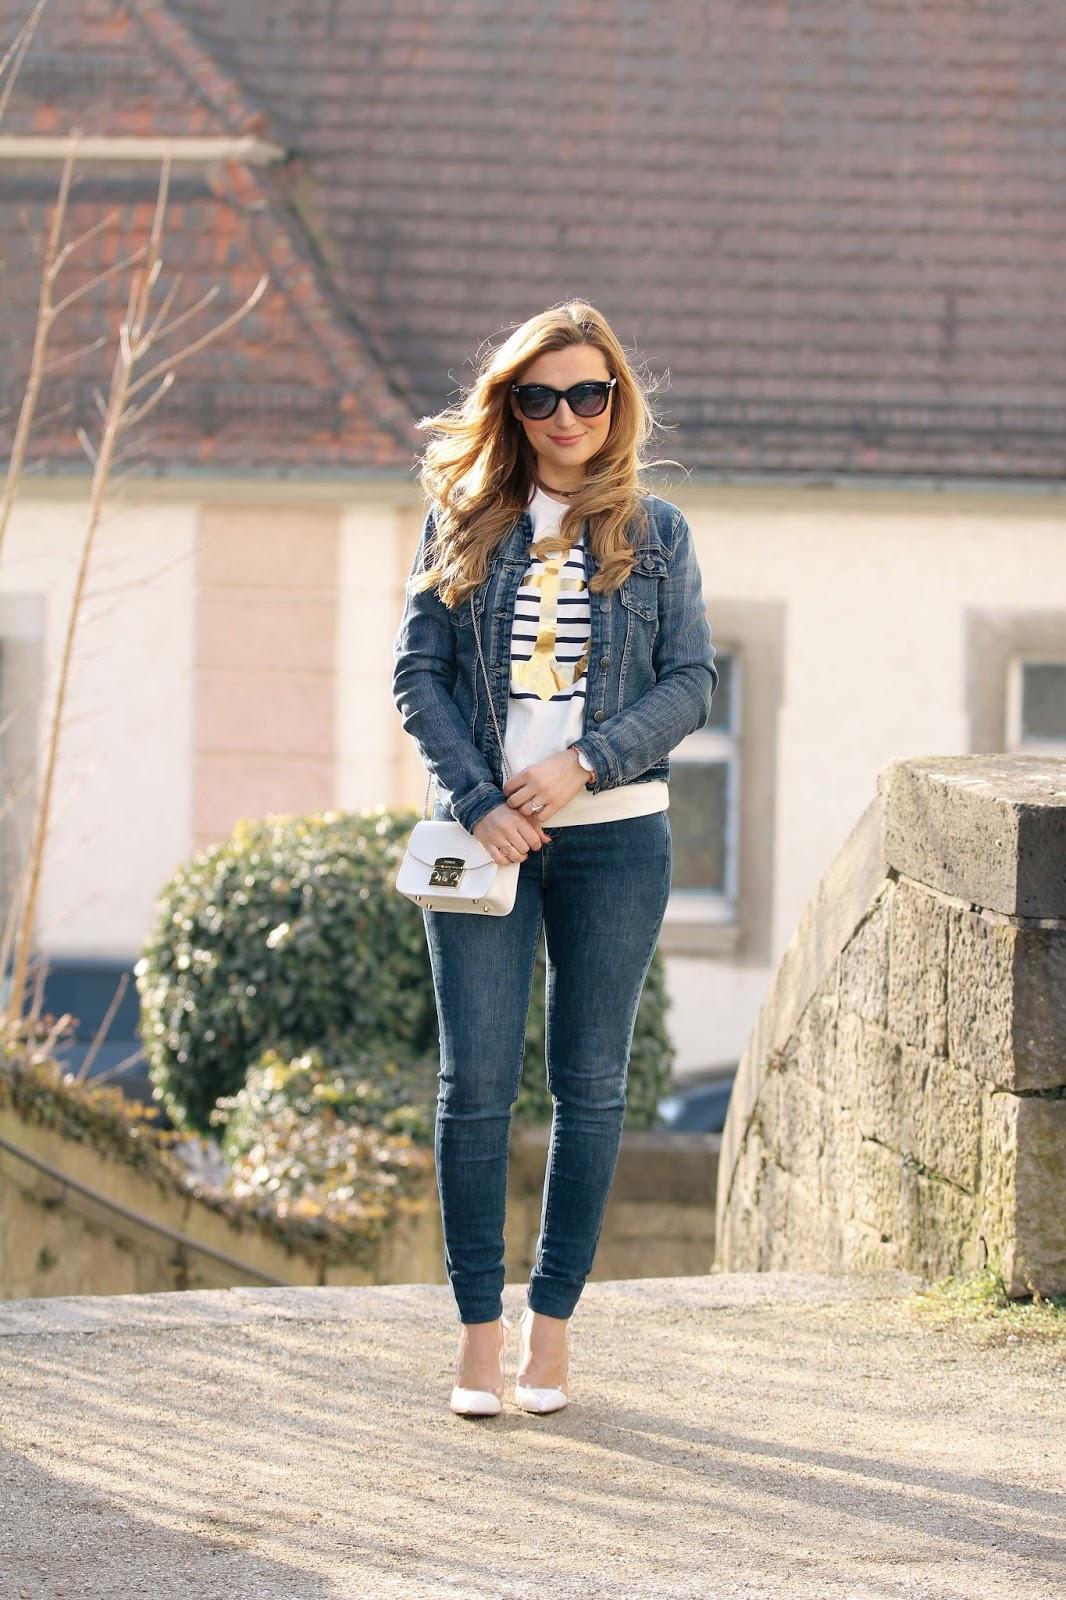 weiße-high-heels-streifen-pullover-blogger-fashionblogger-aus-deutschland